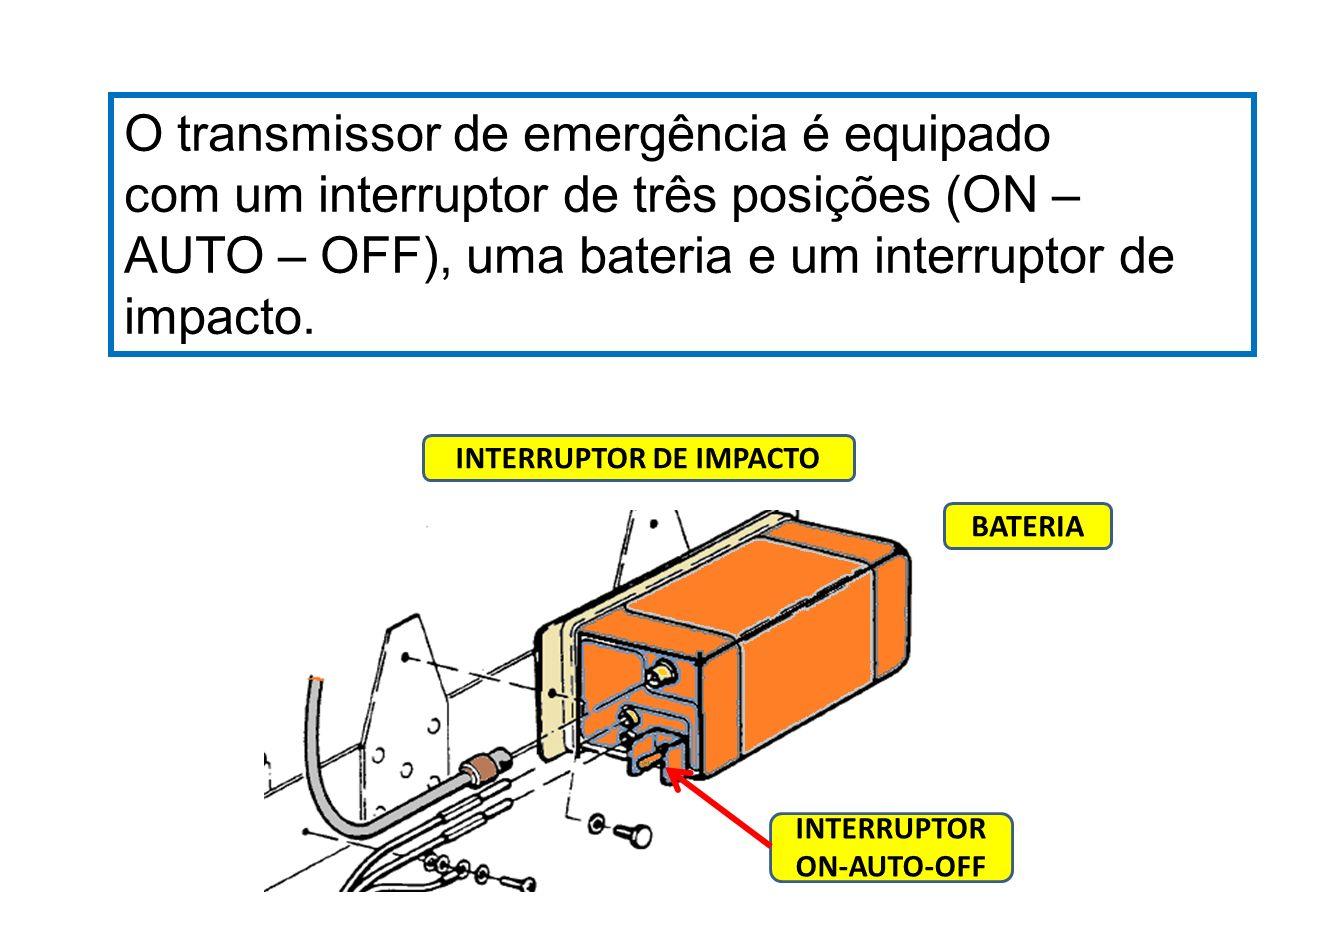 INTERRUPTOR DE IMPACTO